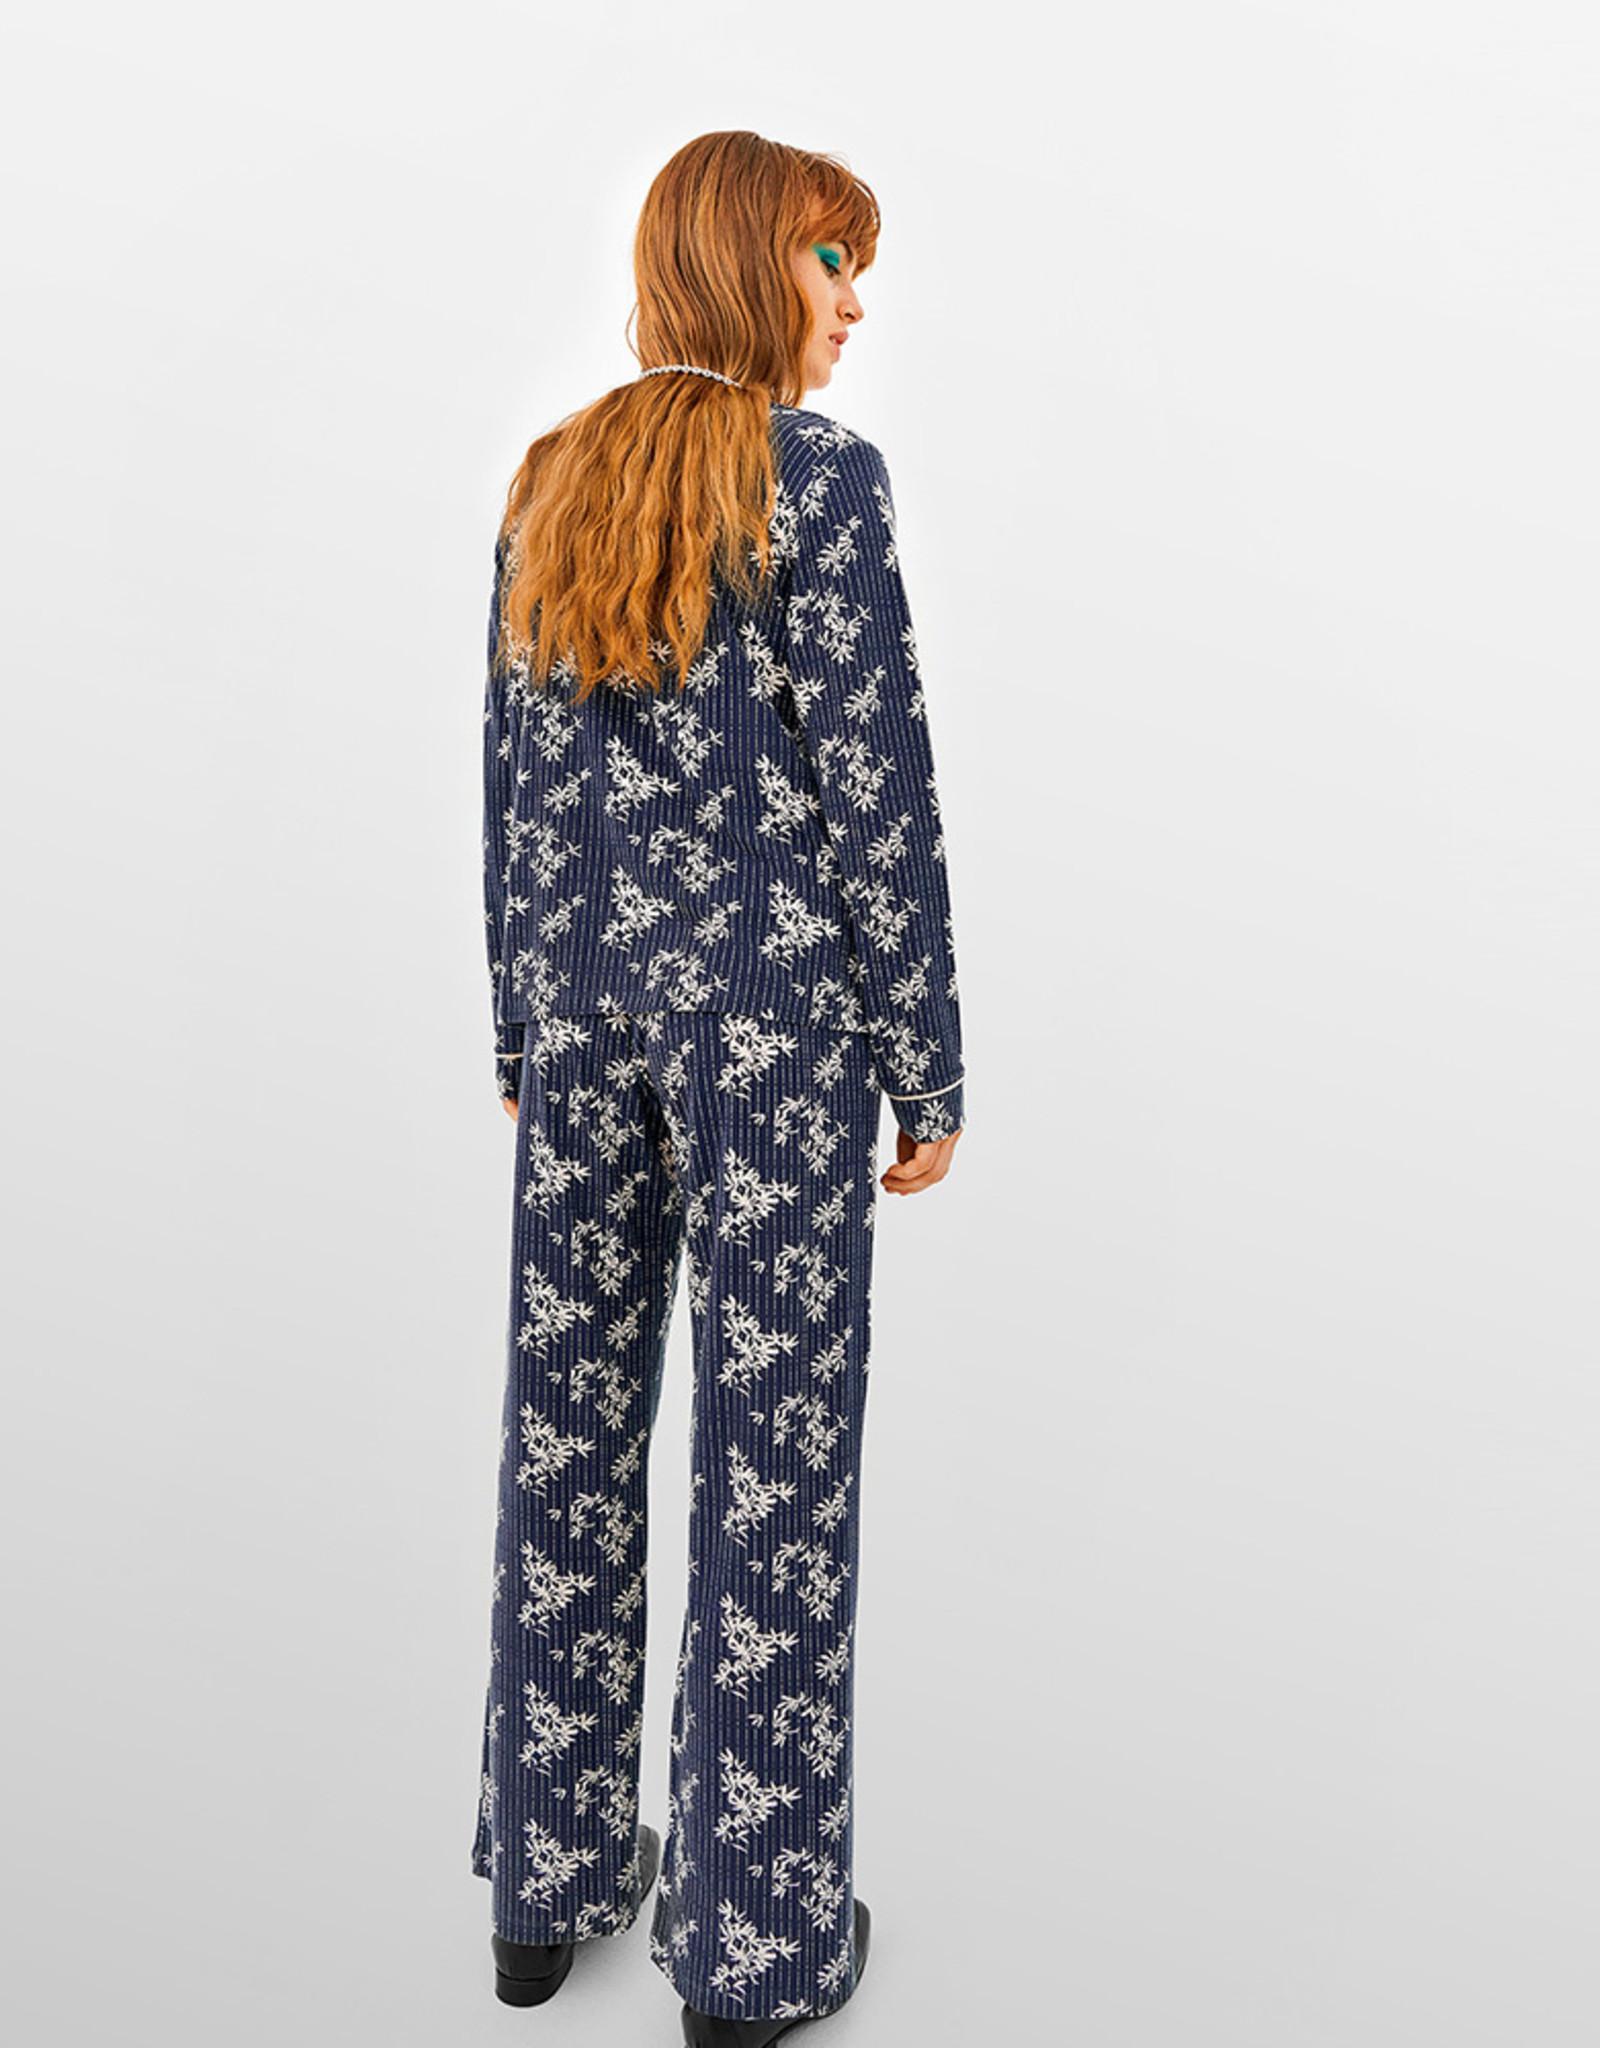 Lords & Lillies Damespyjama, donkergrijs met blaadjes